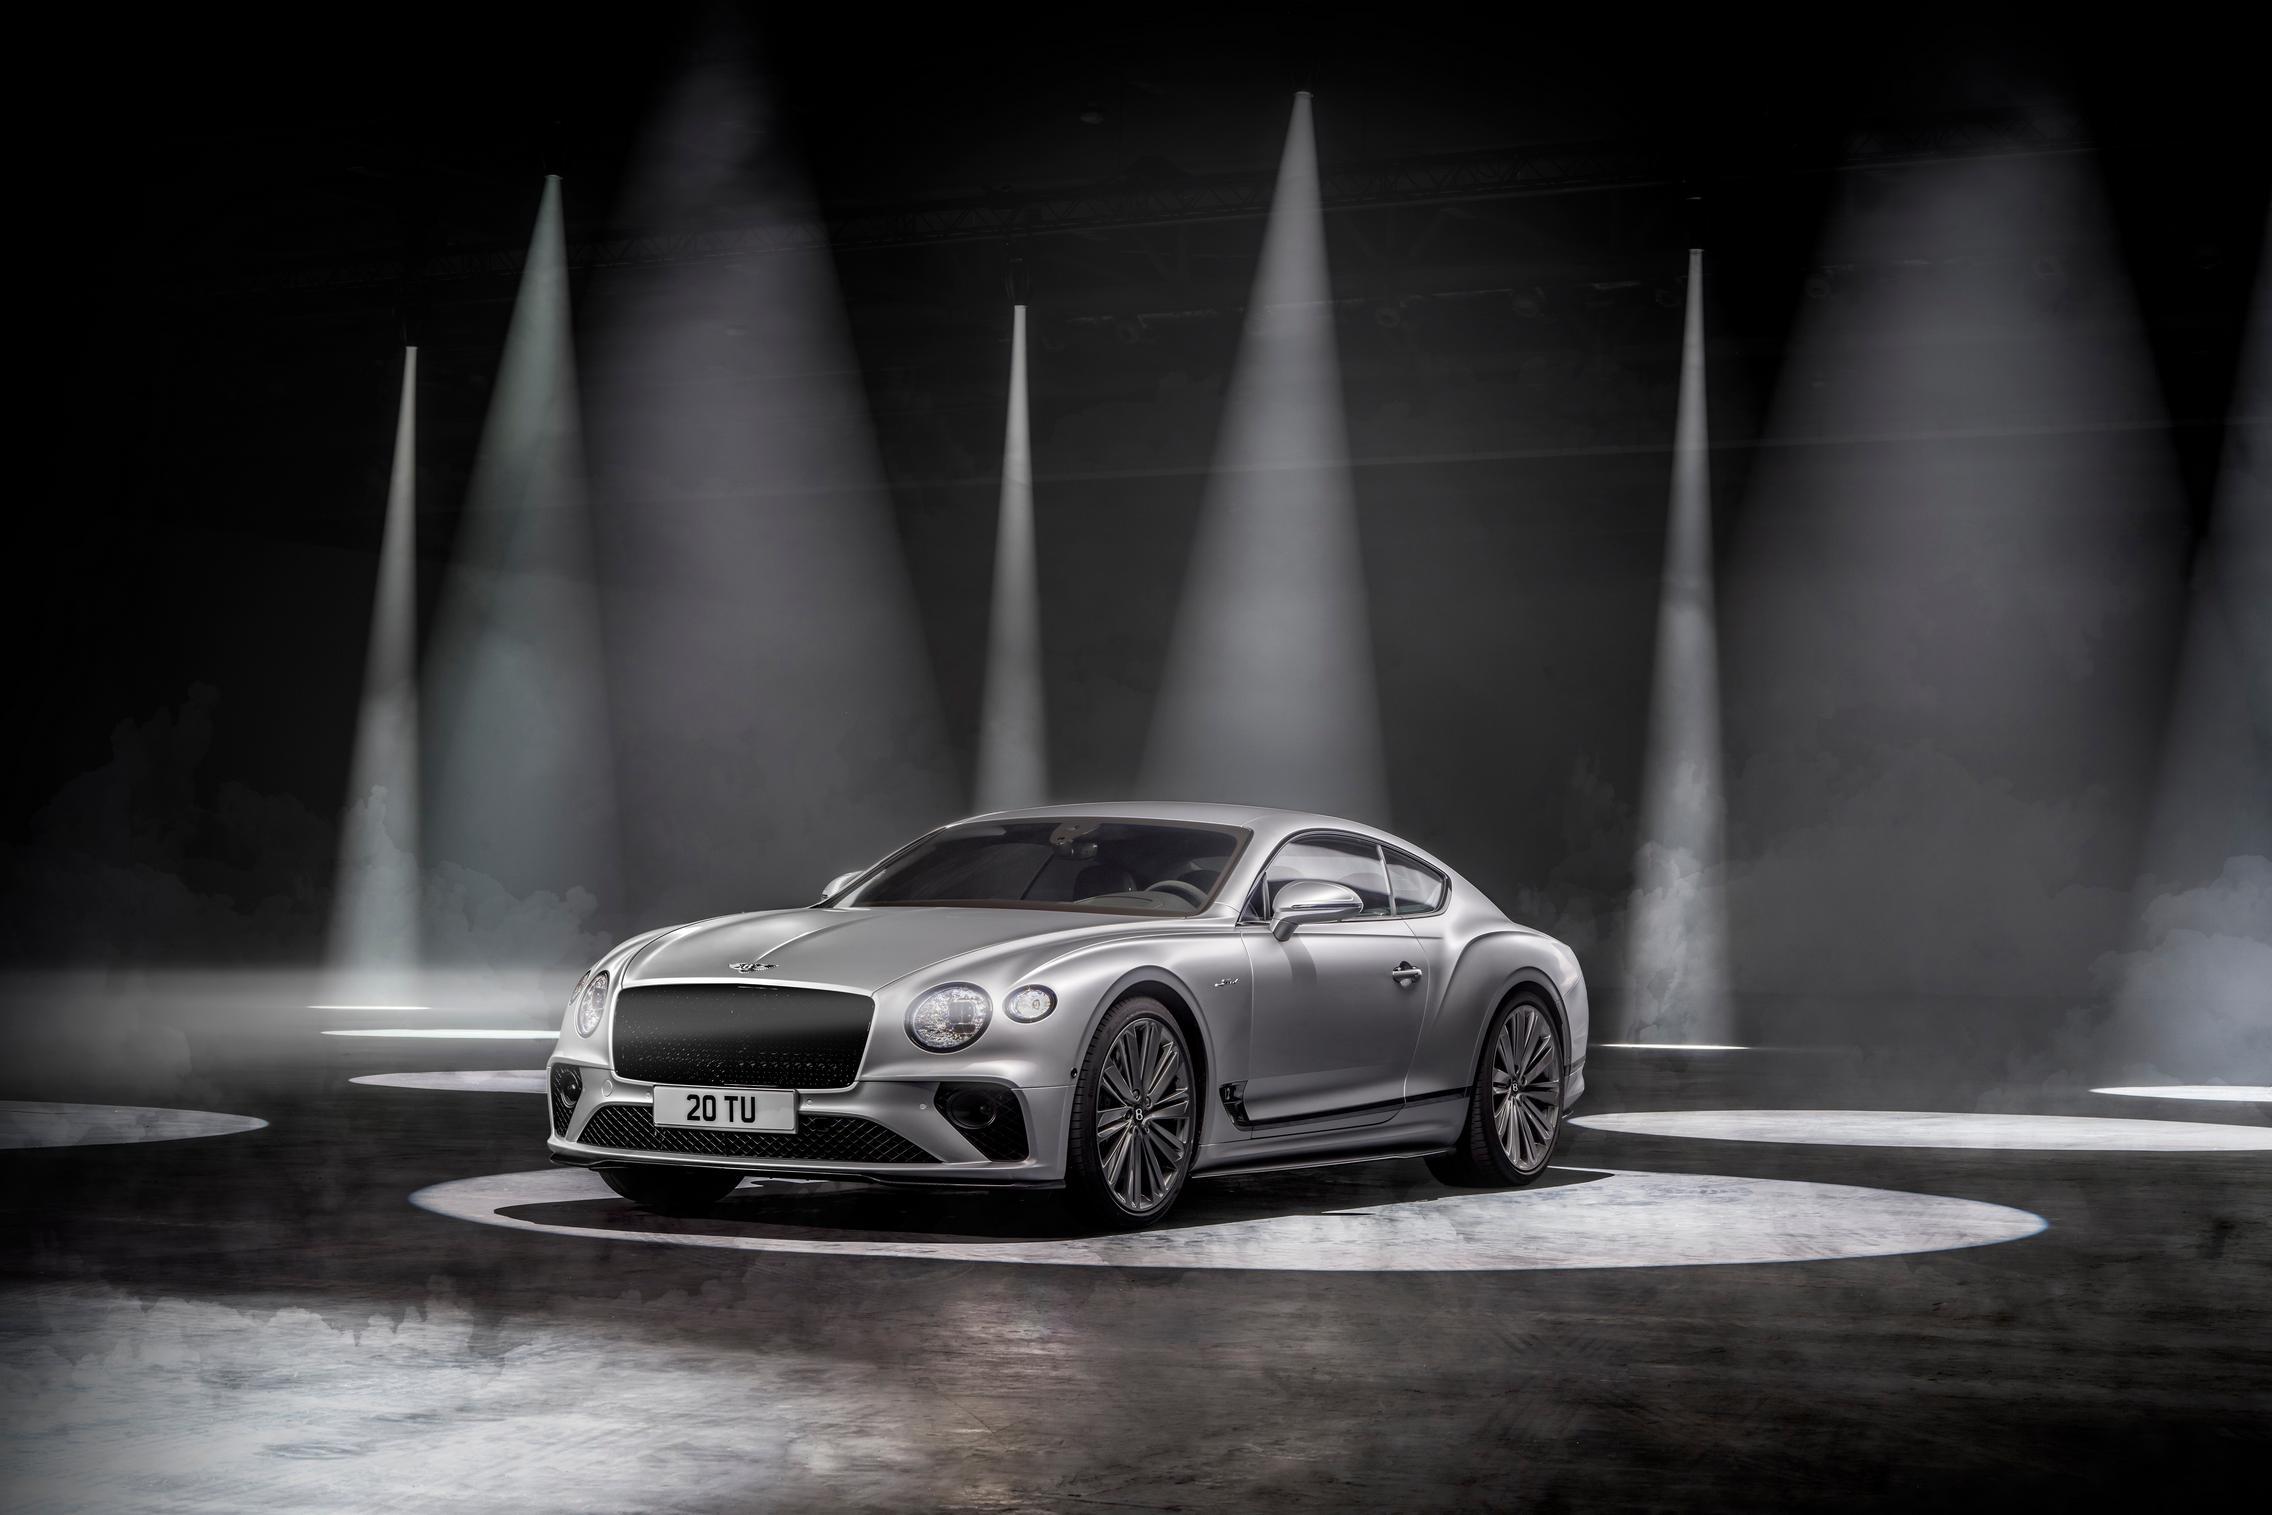 Bentley Continental GT Speed specs